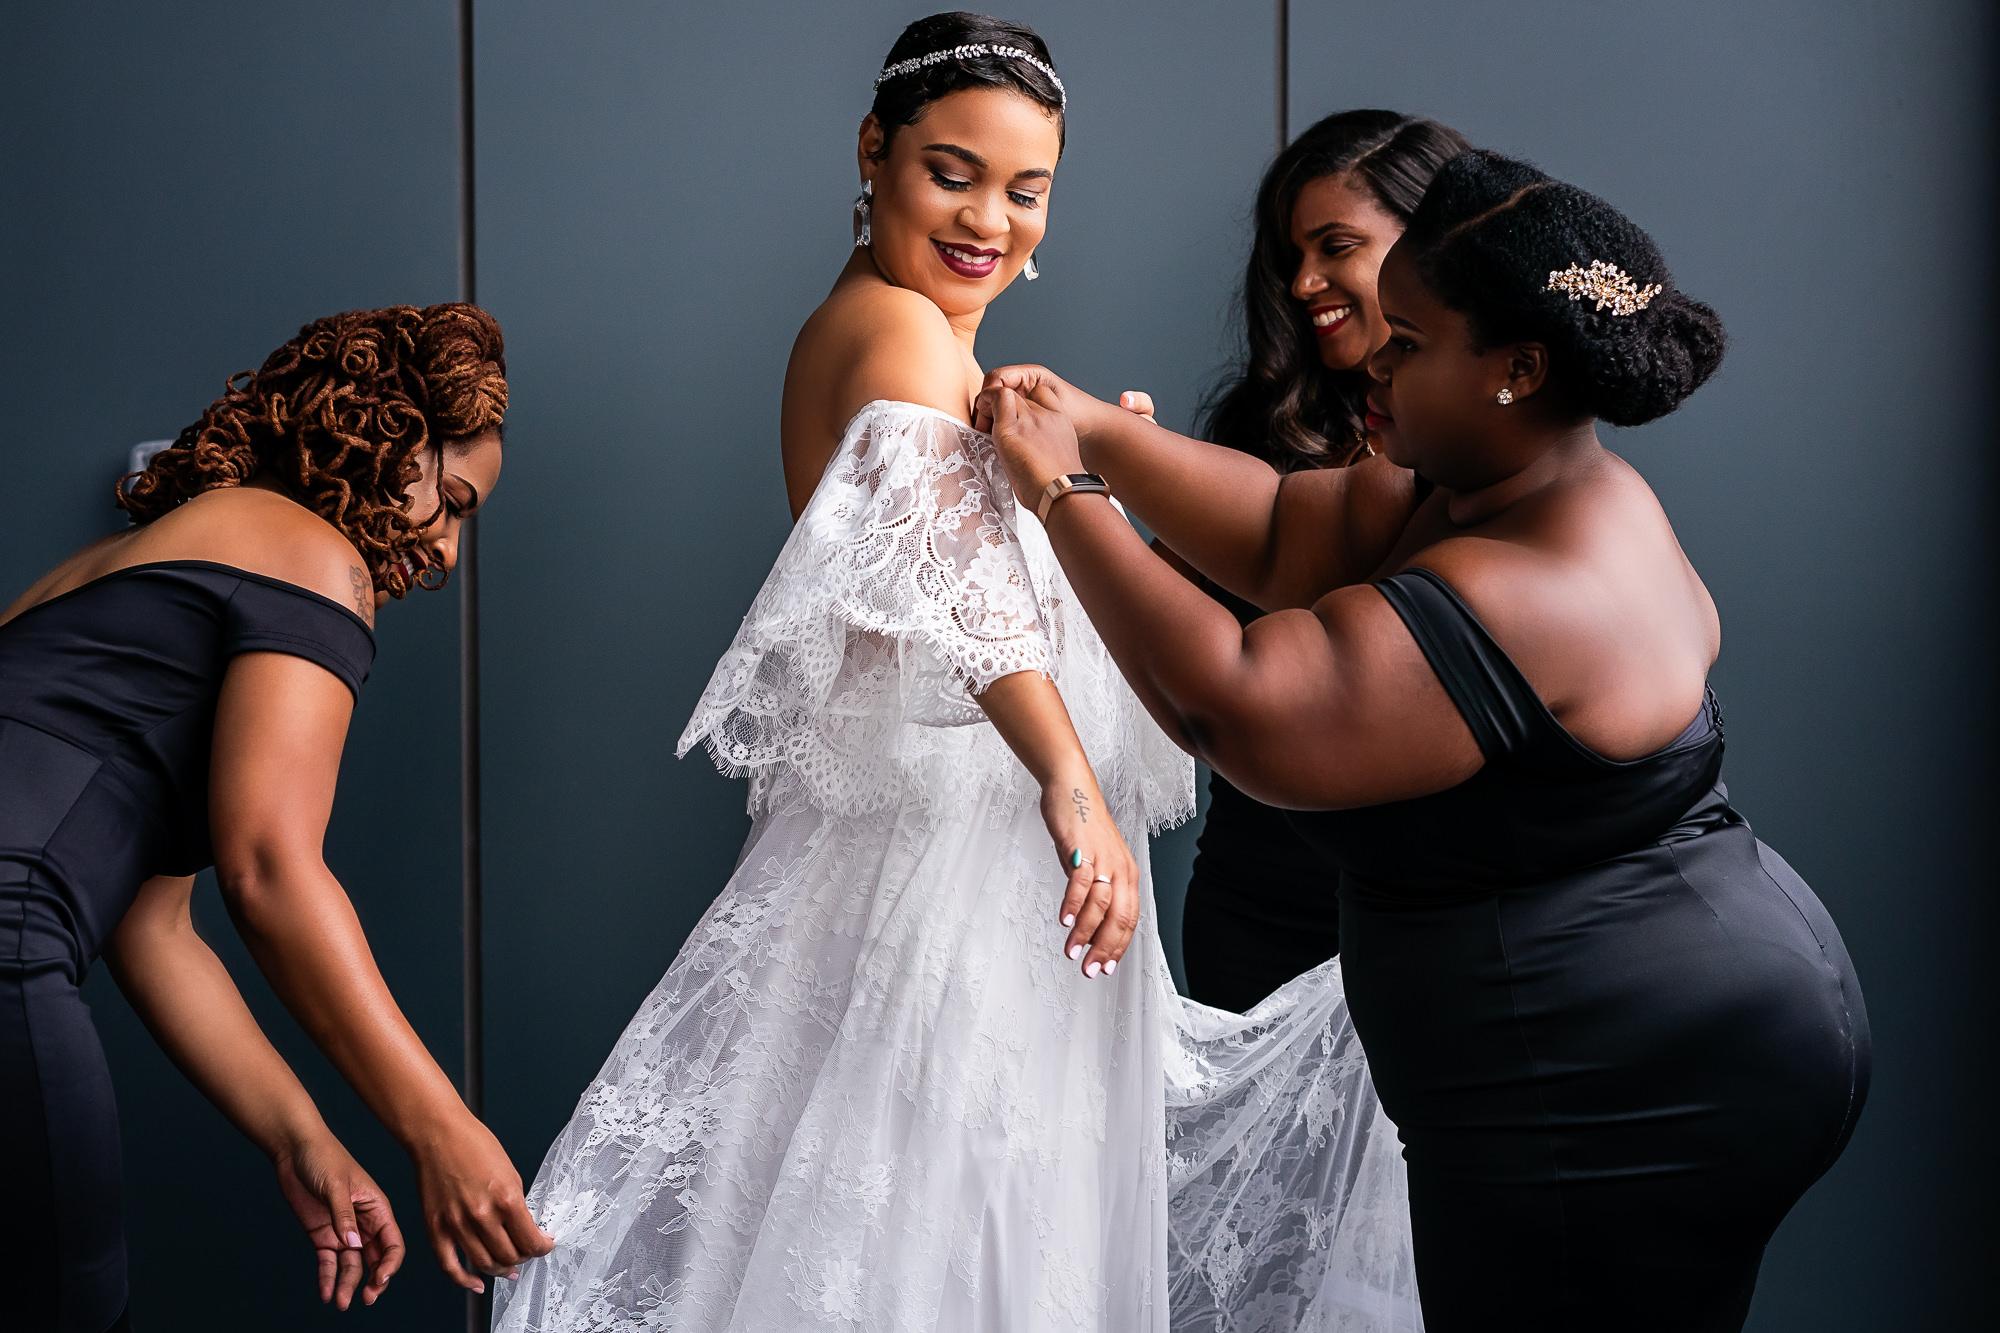 006-006-christopher-jason-studios-university-of-maryland-wedding-raheem-Devaughn-african-american-bride-and-groom.jpg